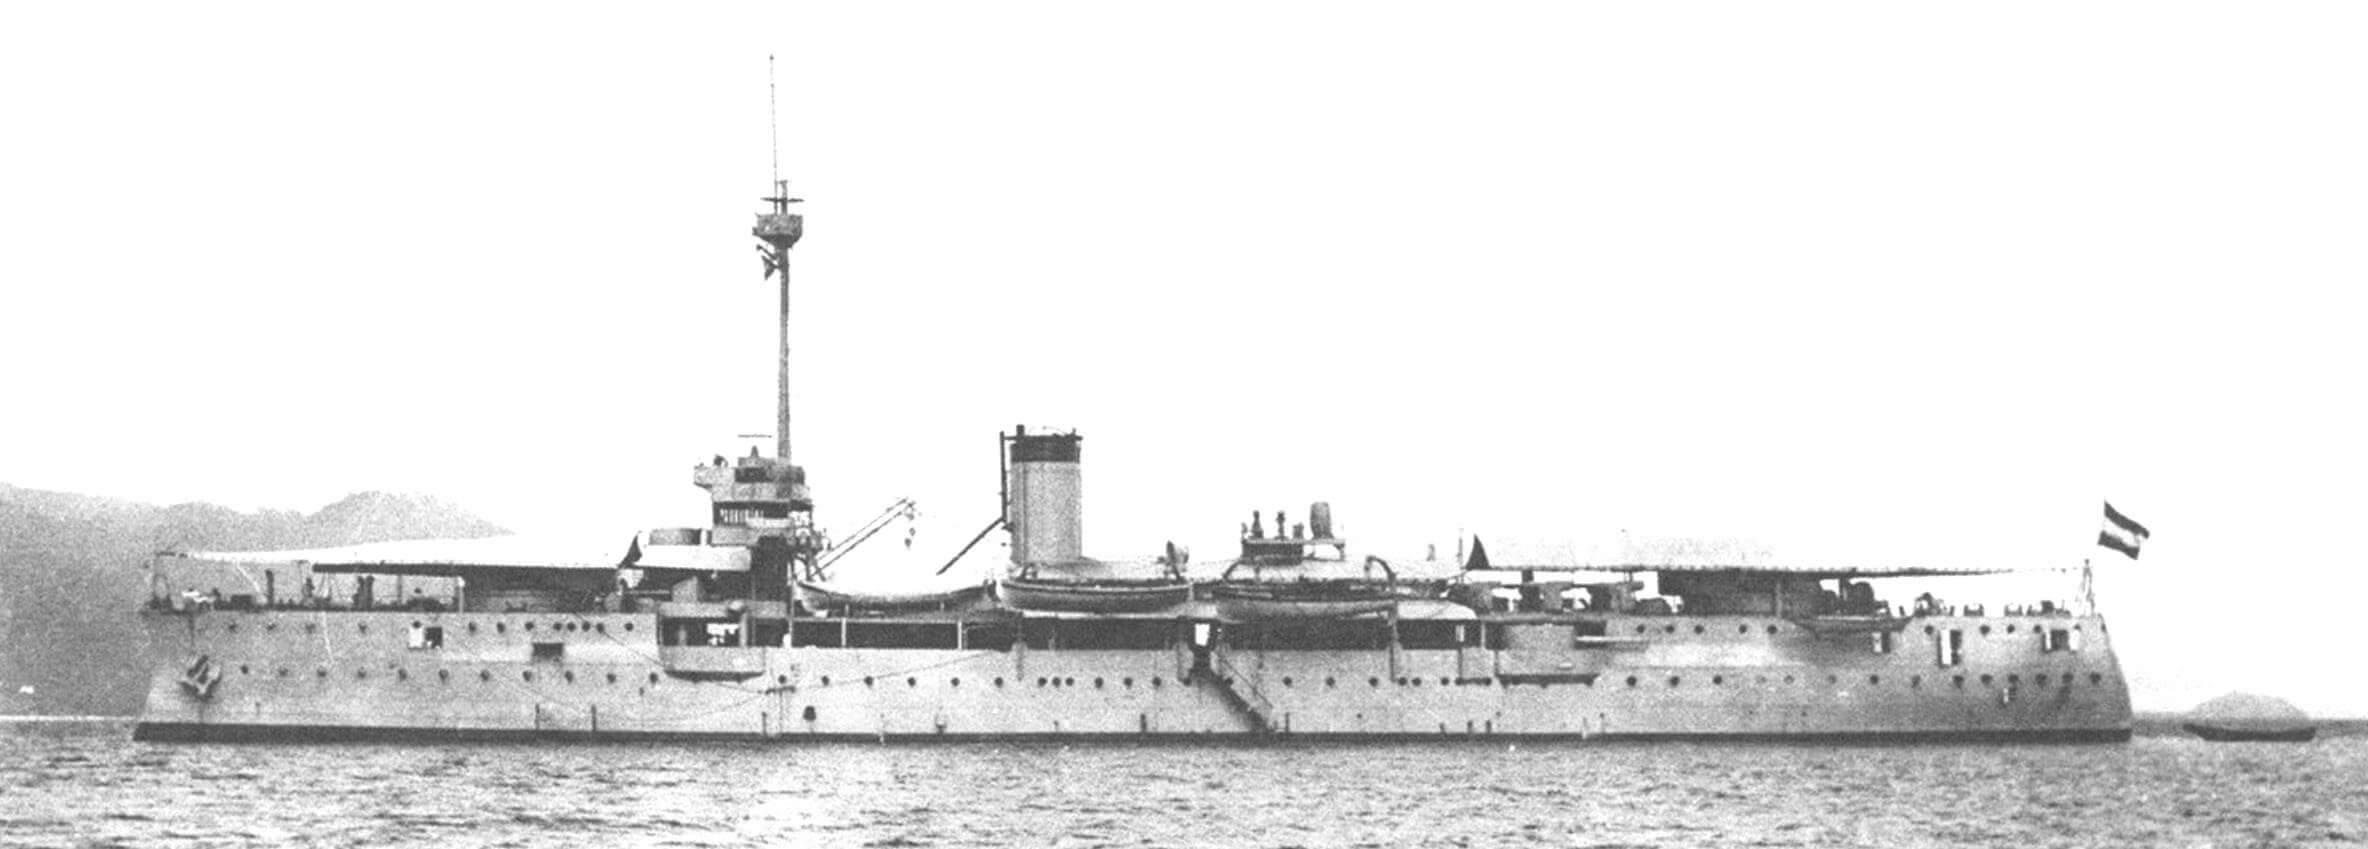 Учебно-артиллерийский корабль «Сурабая». На фотографии хорошо видно, где именно остались 15-см и 7,5-см орудия